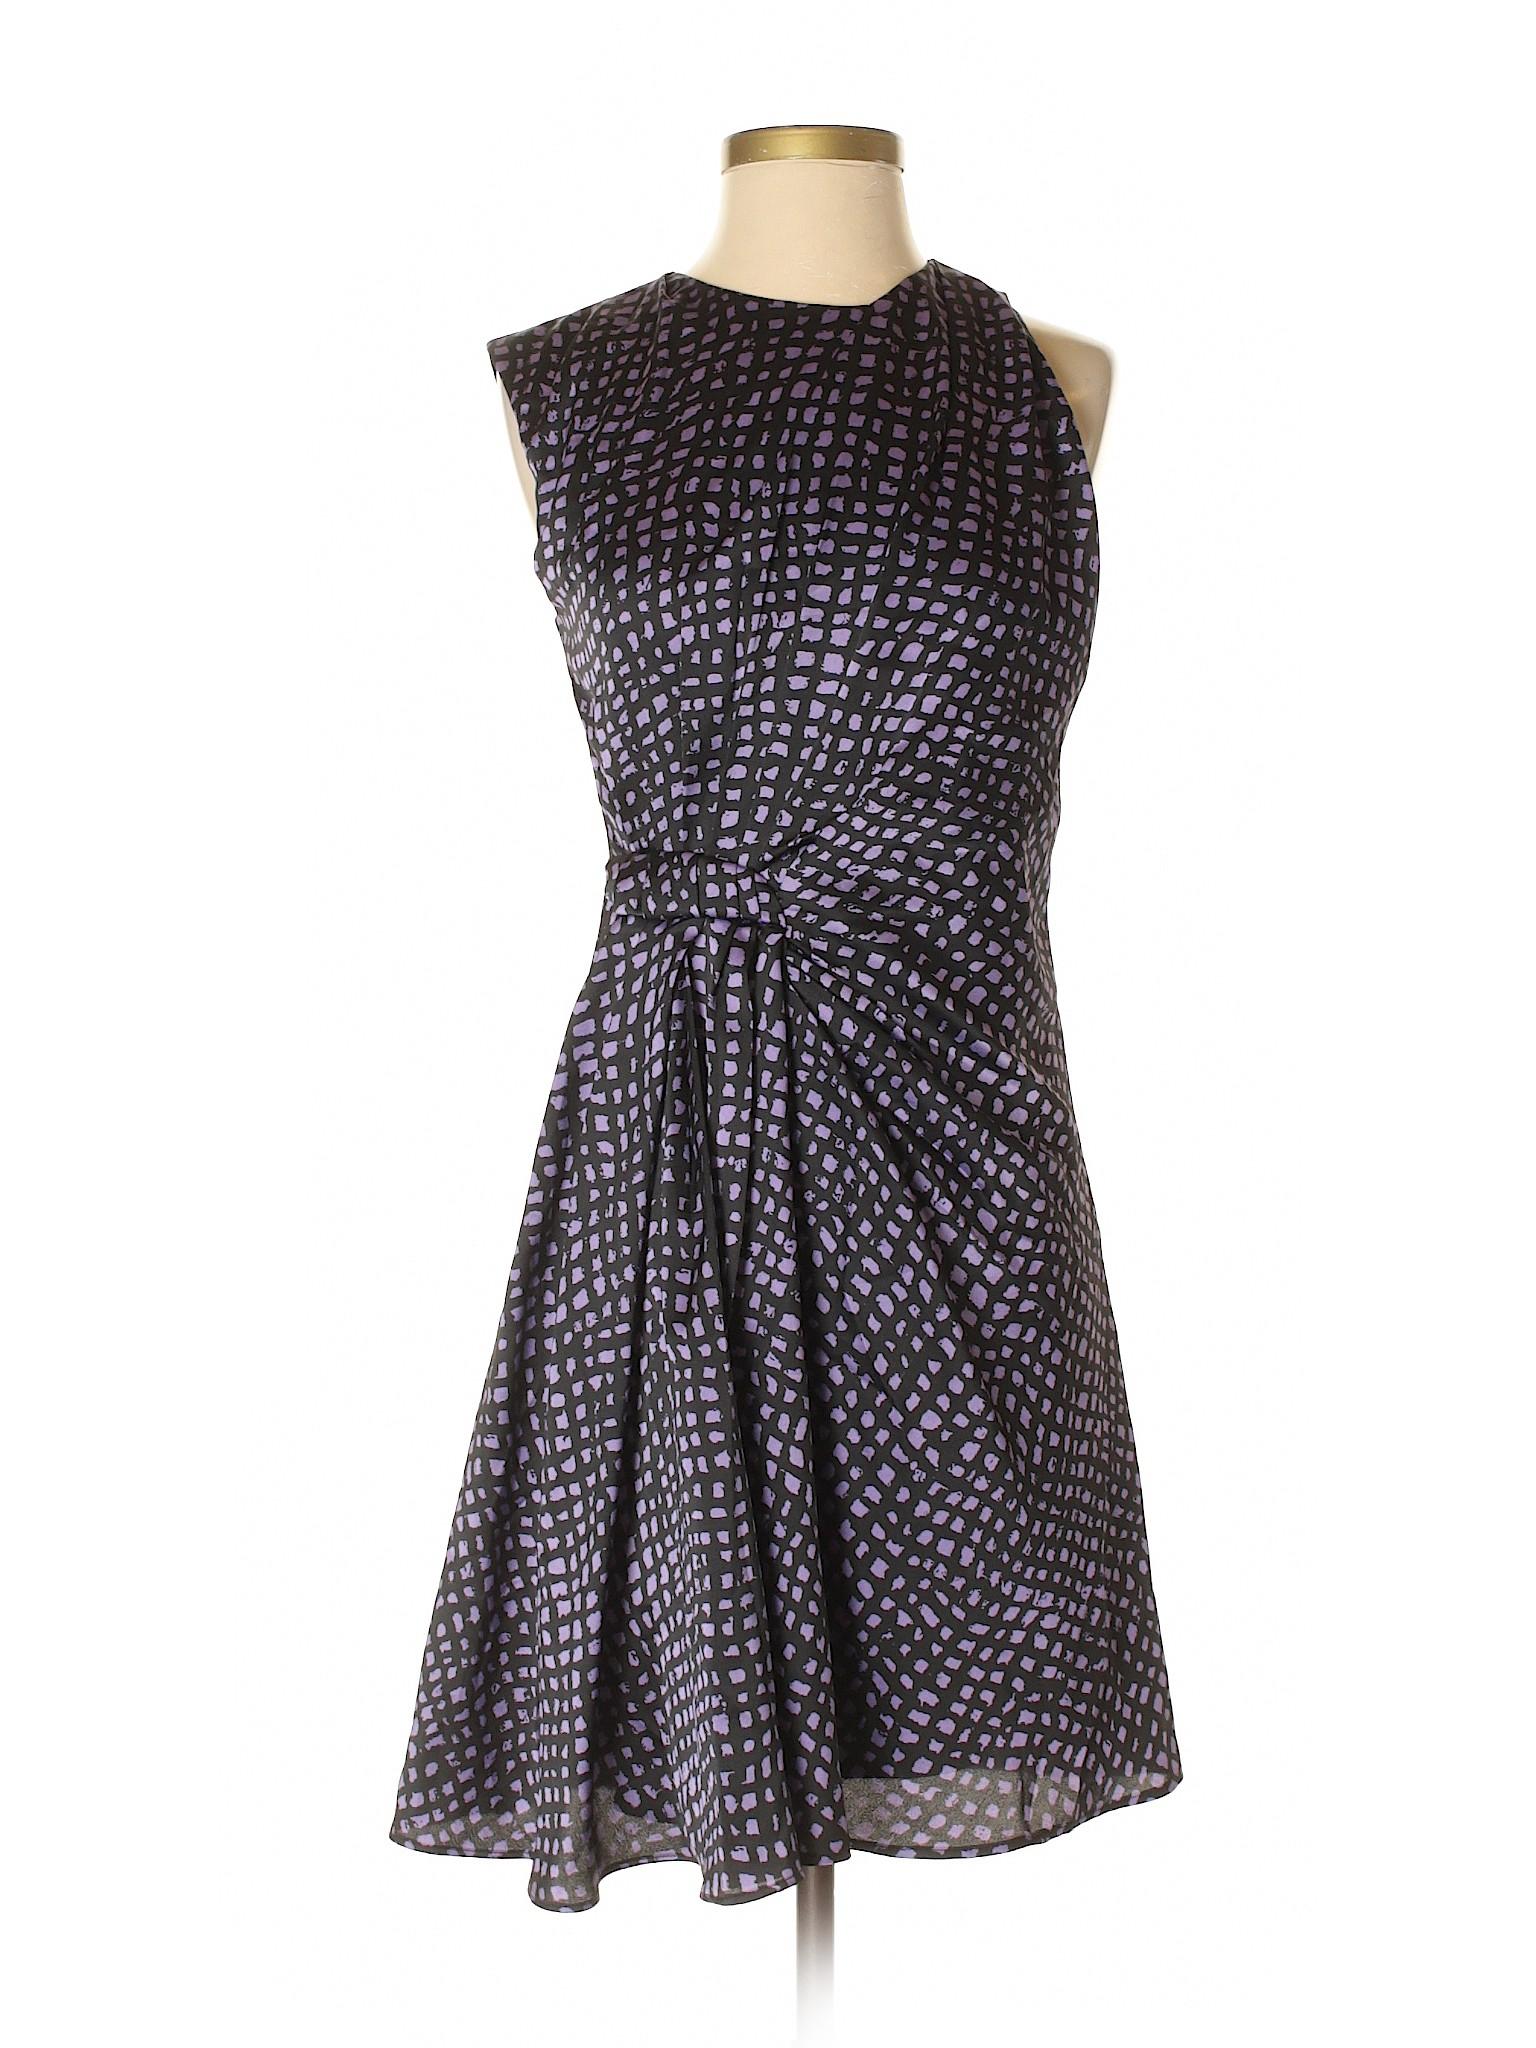 Theme Dress Selling Casual Theme Selling 8xYRnn67